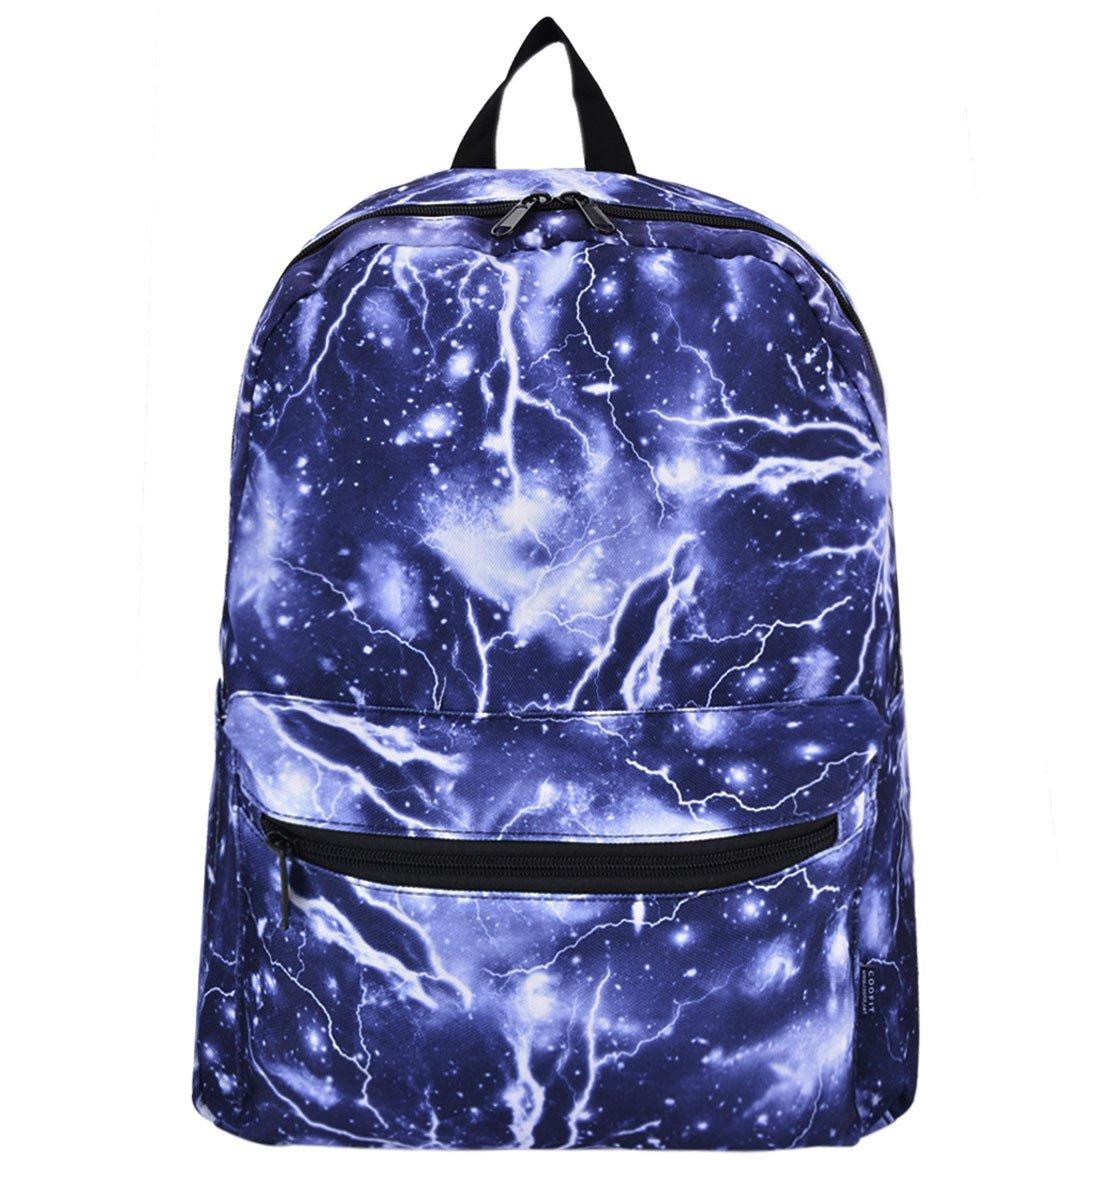 Rucksack Damen, Coofit Schulrucksack Mädchen Canvas Rucksack Schule Freizeitrucksack Schultasche Daypack